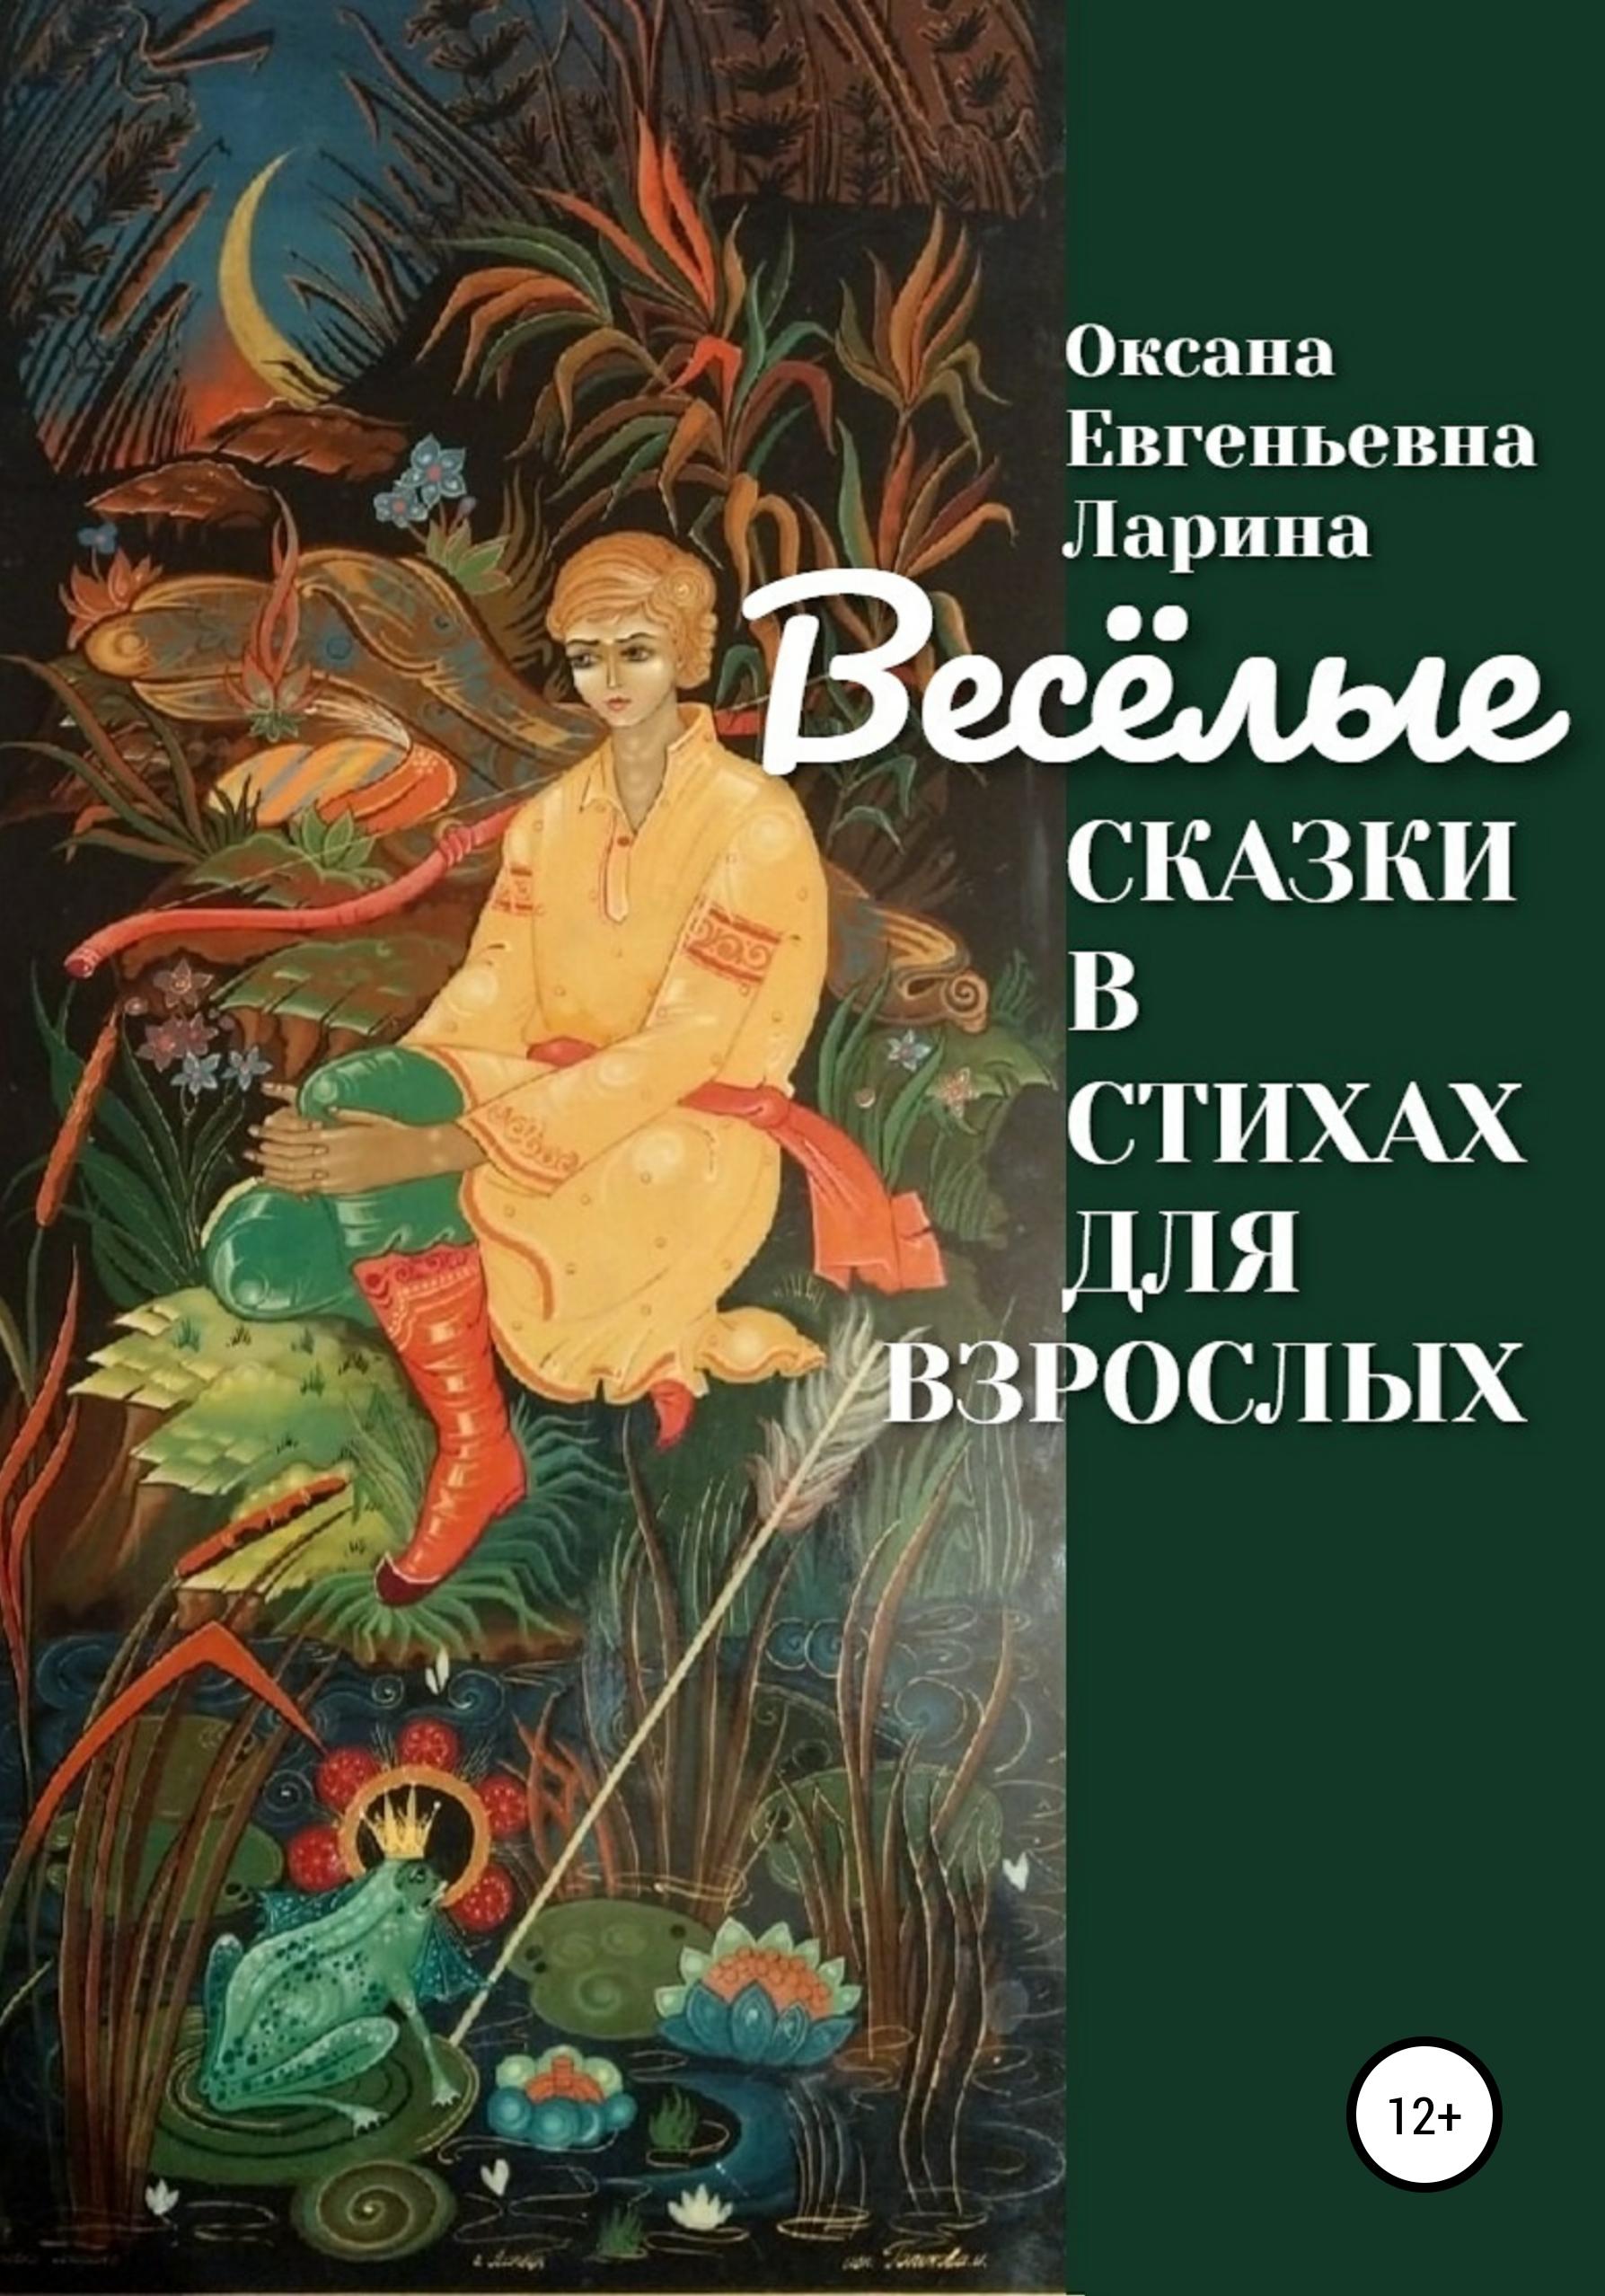 Оксана Евгеньевна Ларина Сказки в стихах для взрослых ларина оксана владимировна удивительные насекомые